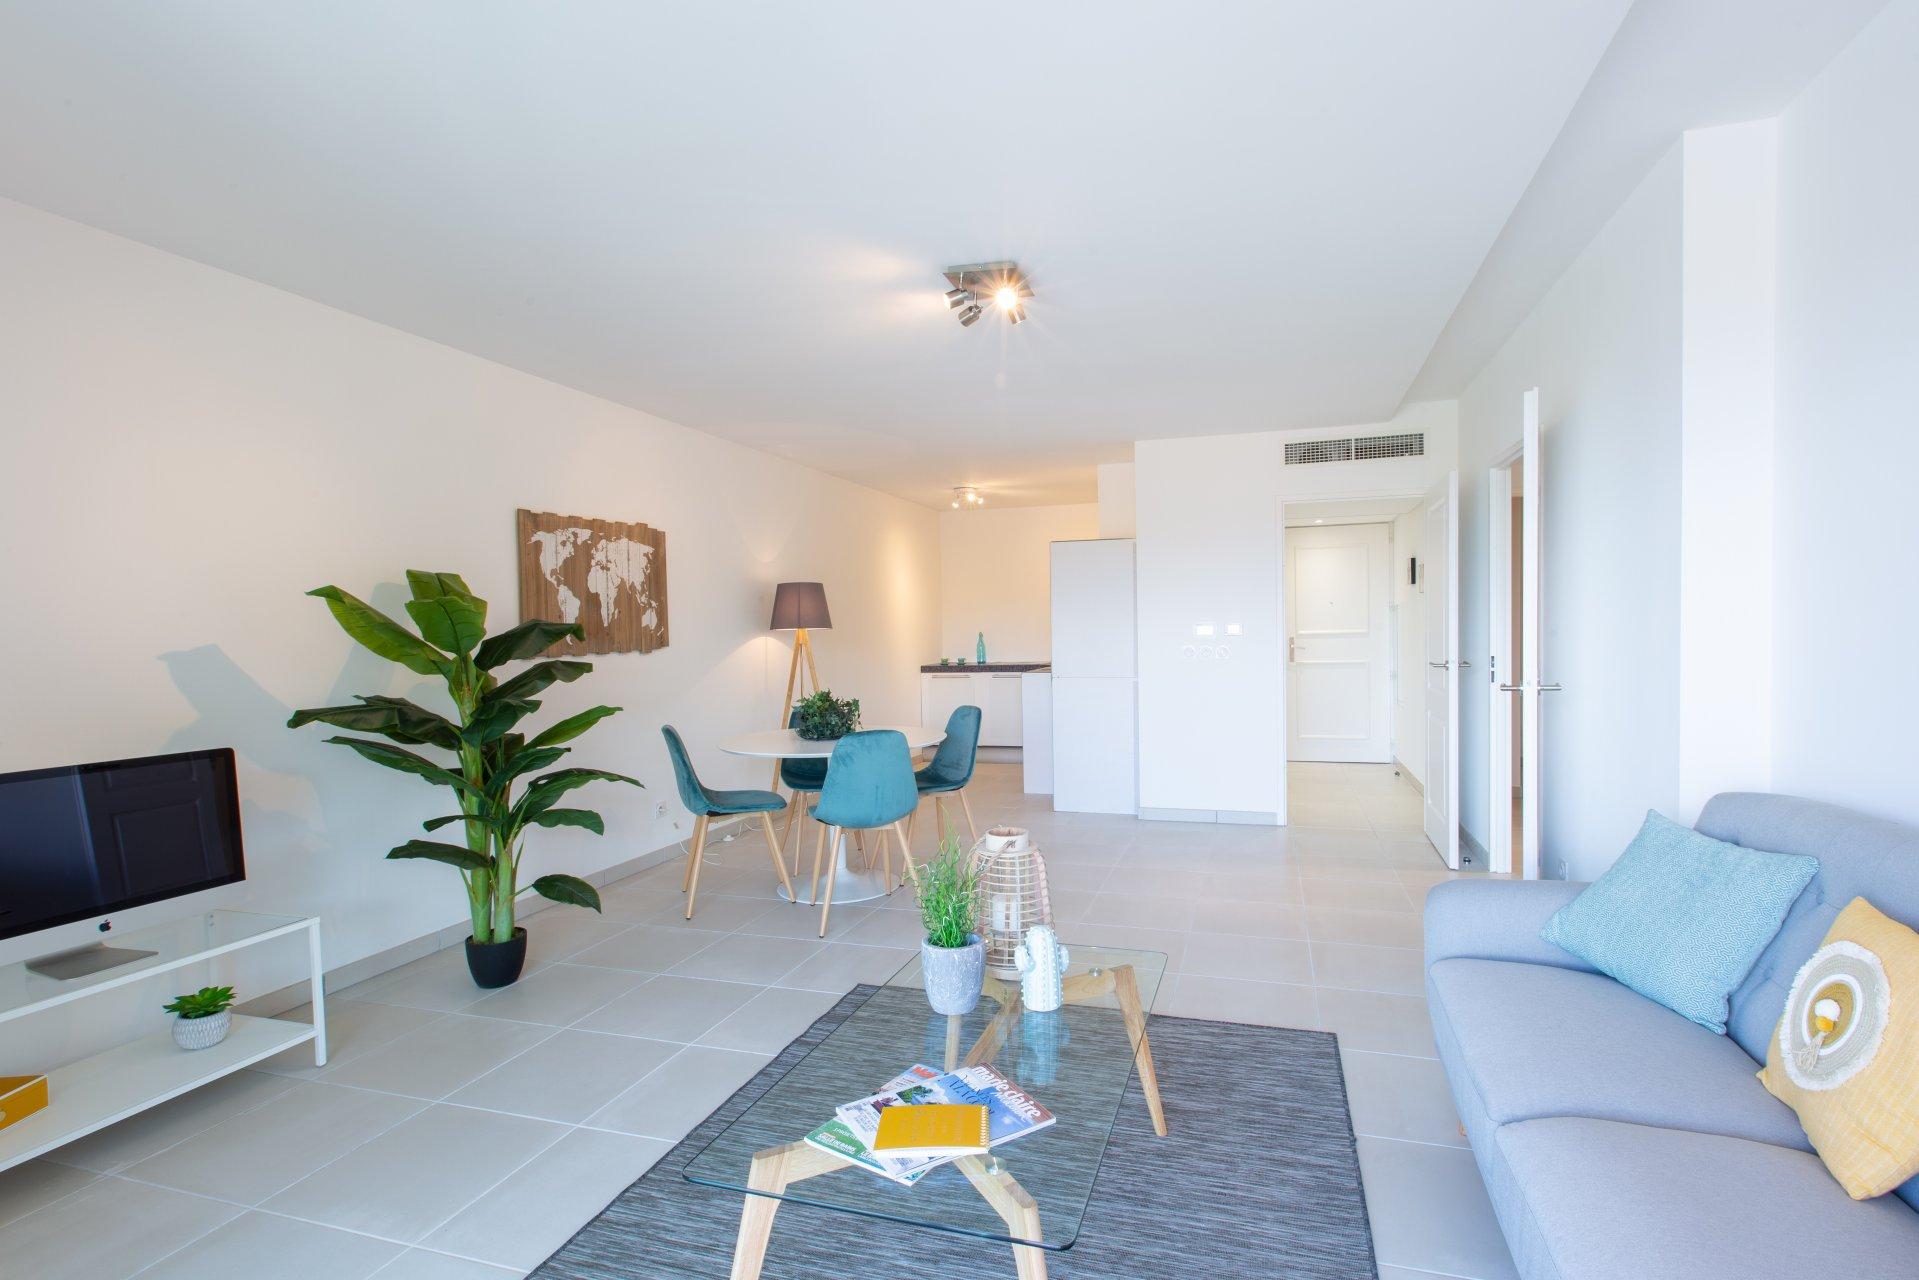 Appartement Neuf Éligible Pinel pour Location Rez De Jardin Dijon